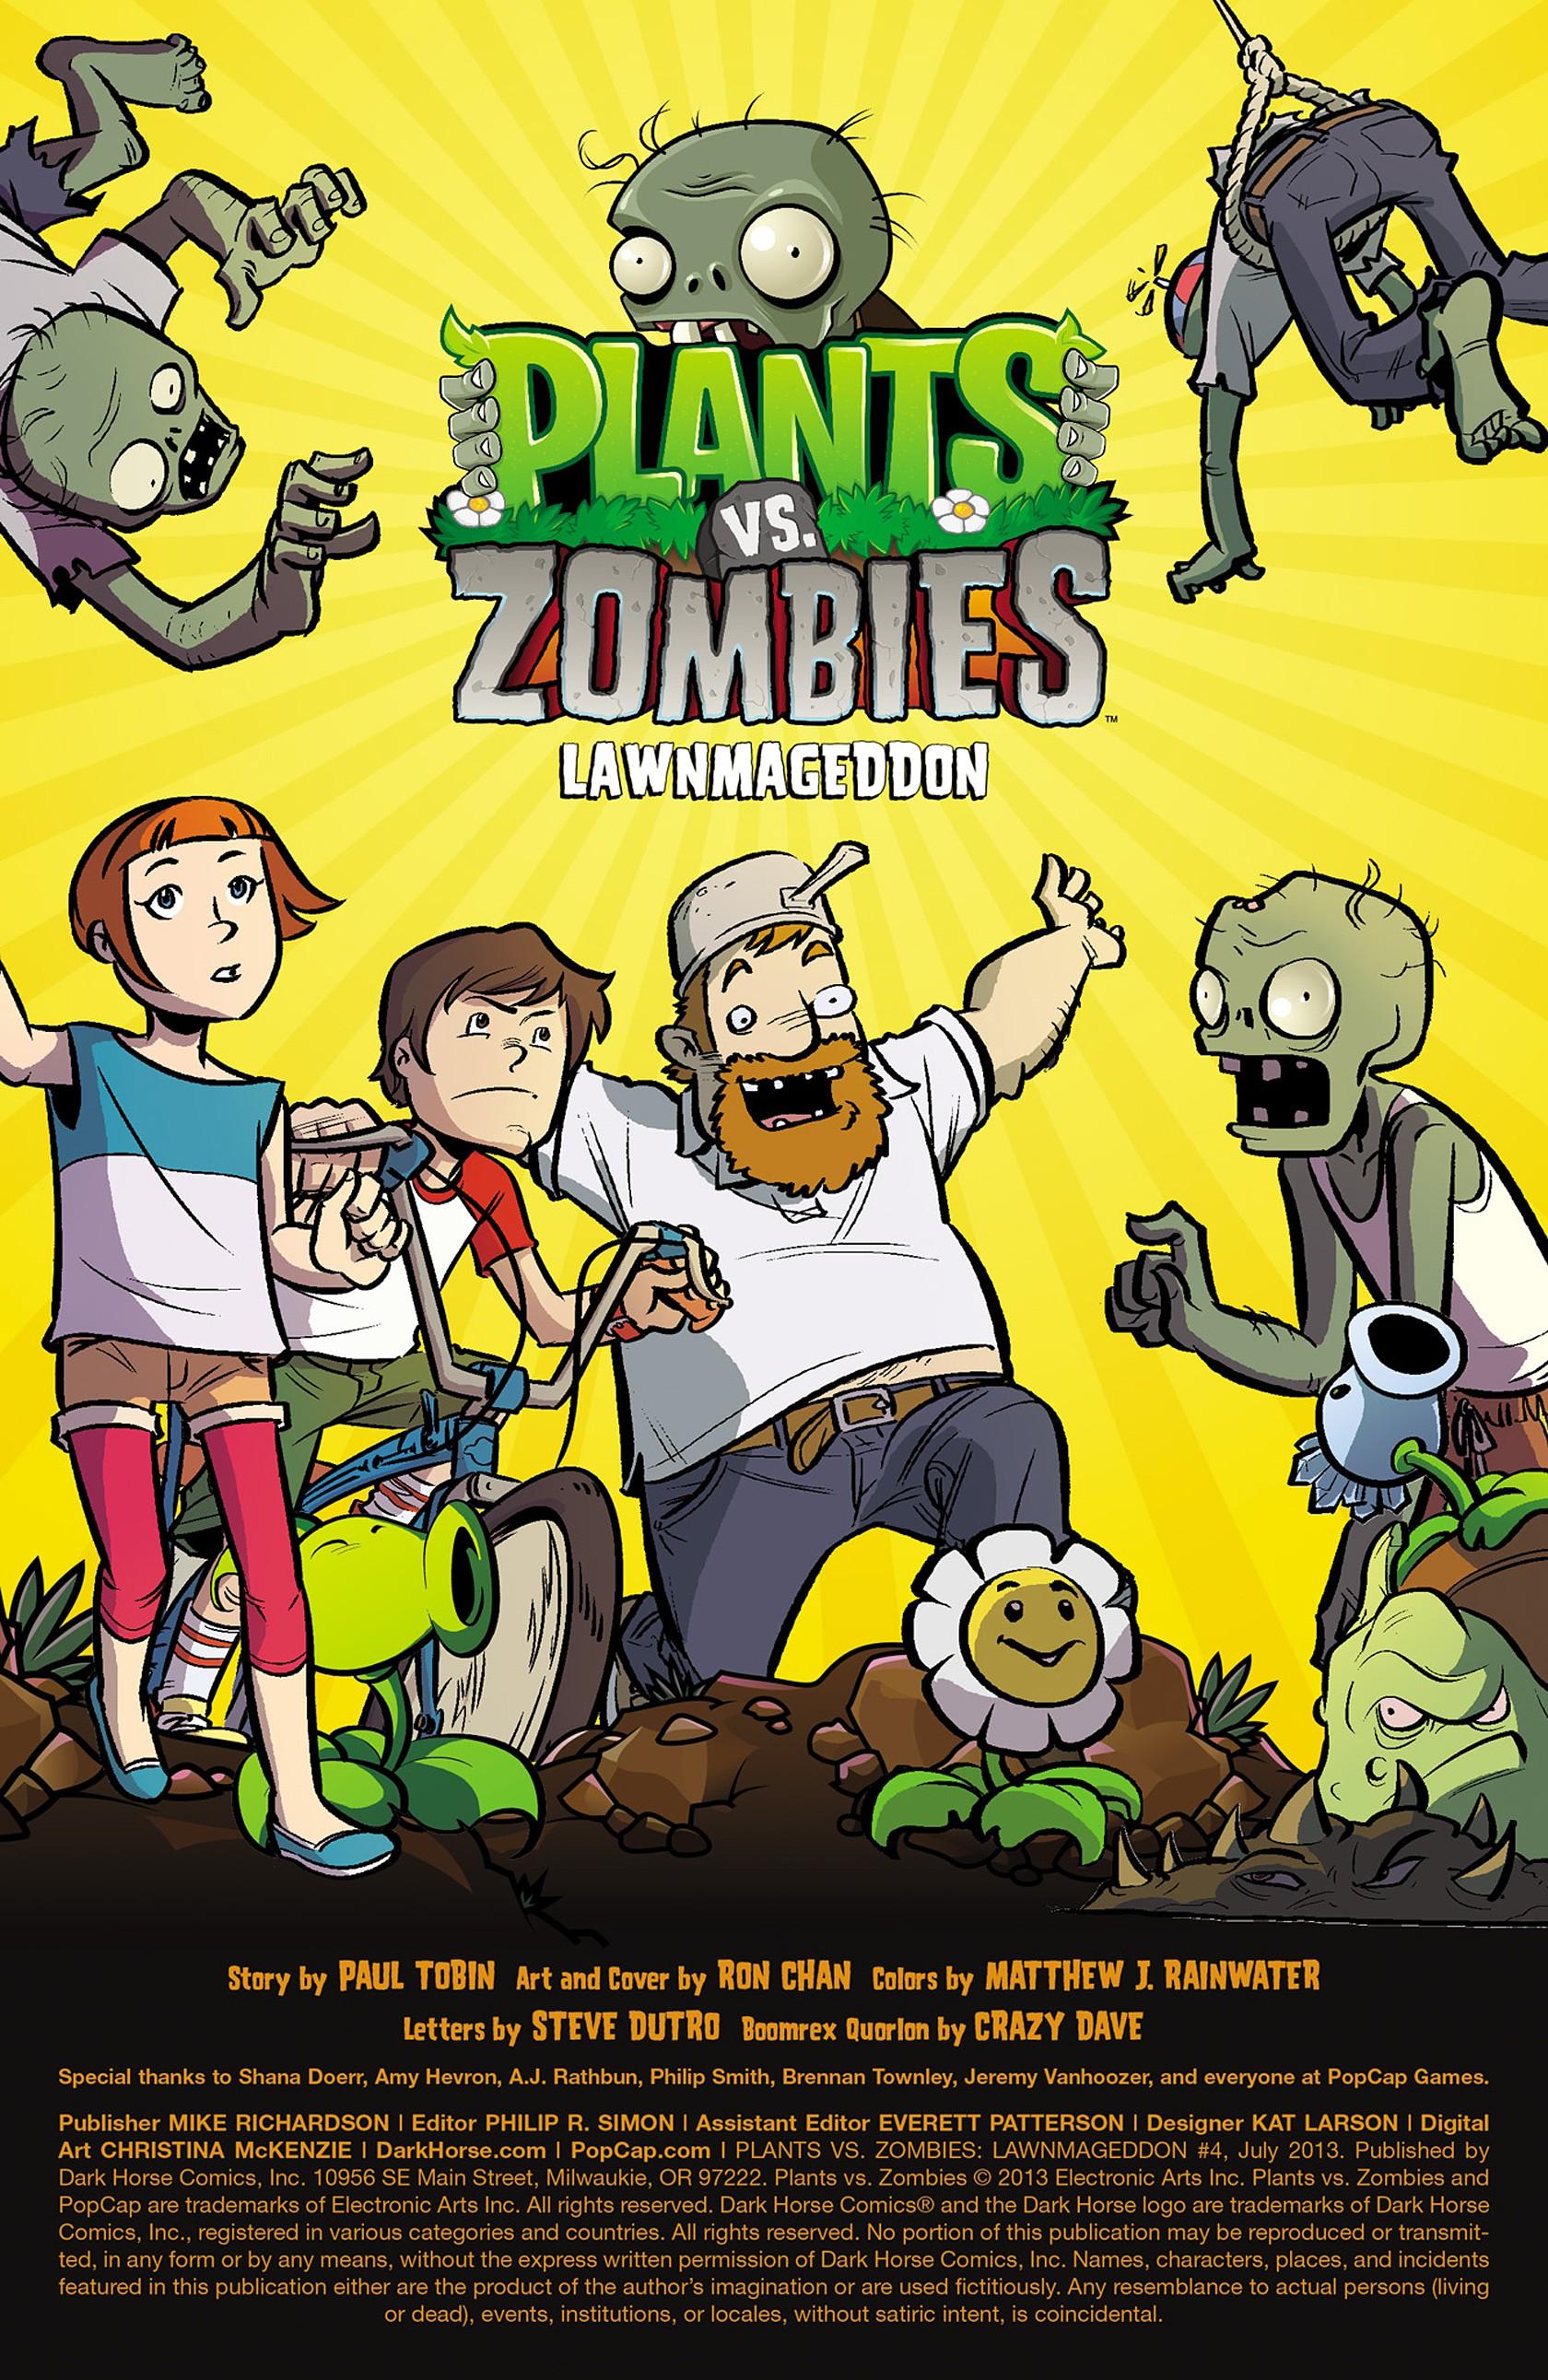 formatfactoryplants_vs_zombies_004-002.jpg